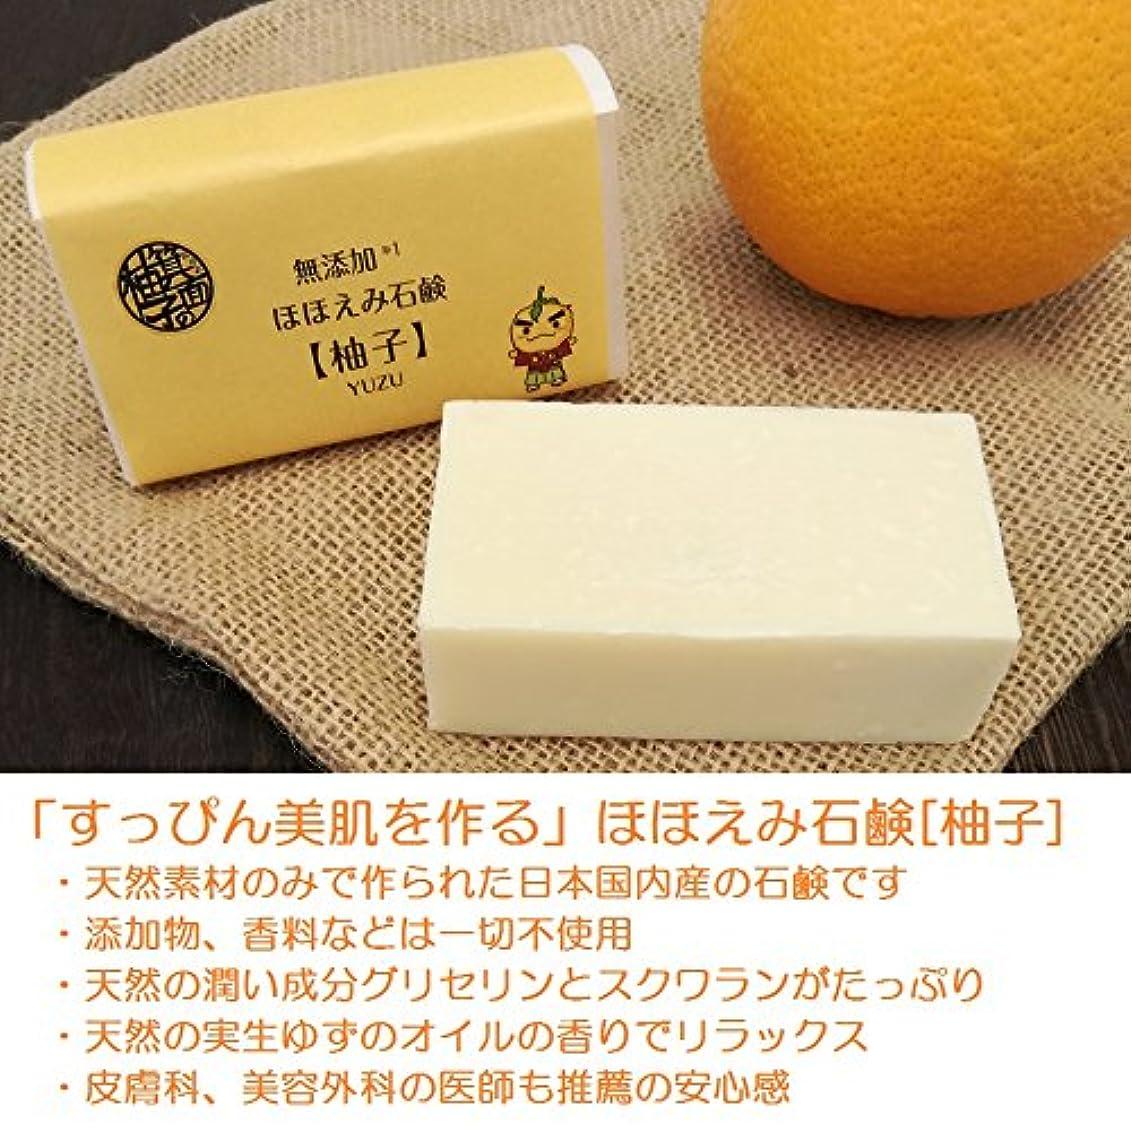 悪魔ダイアクリティカルベンチャーすっぴん美肌を作る ほほえみ石鹸 柚子 オリーブオイル 無添加 オーガニック 日本製 80g